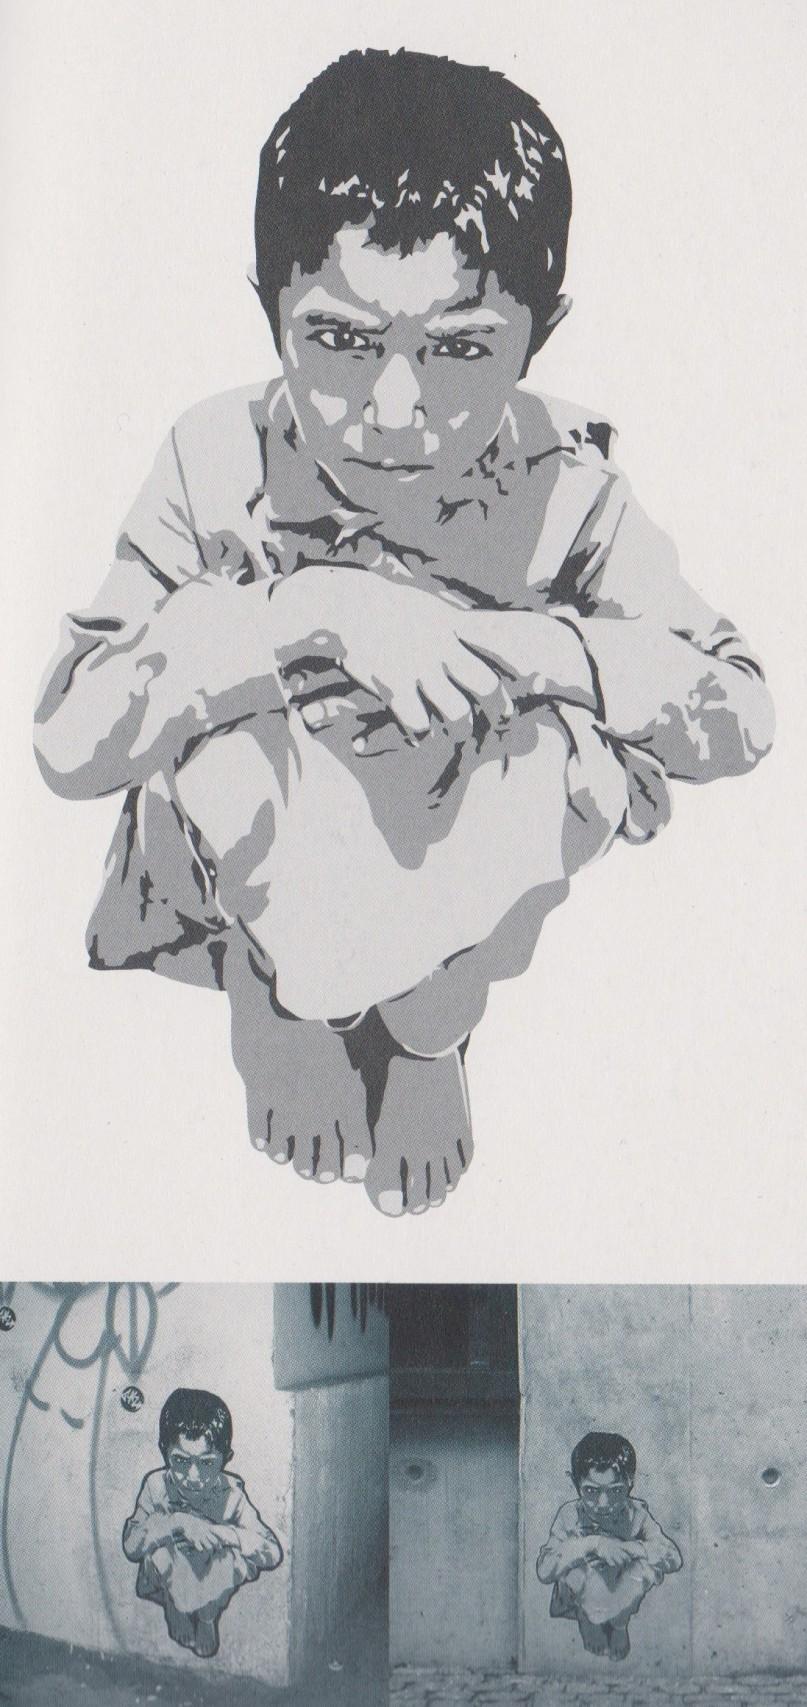 Pisa 73, Afghan Boy, 2003